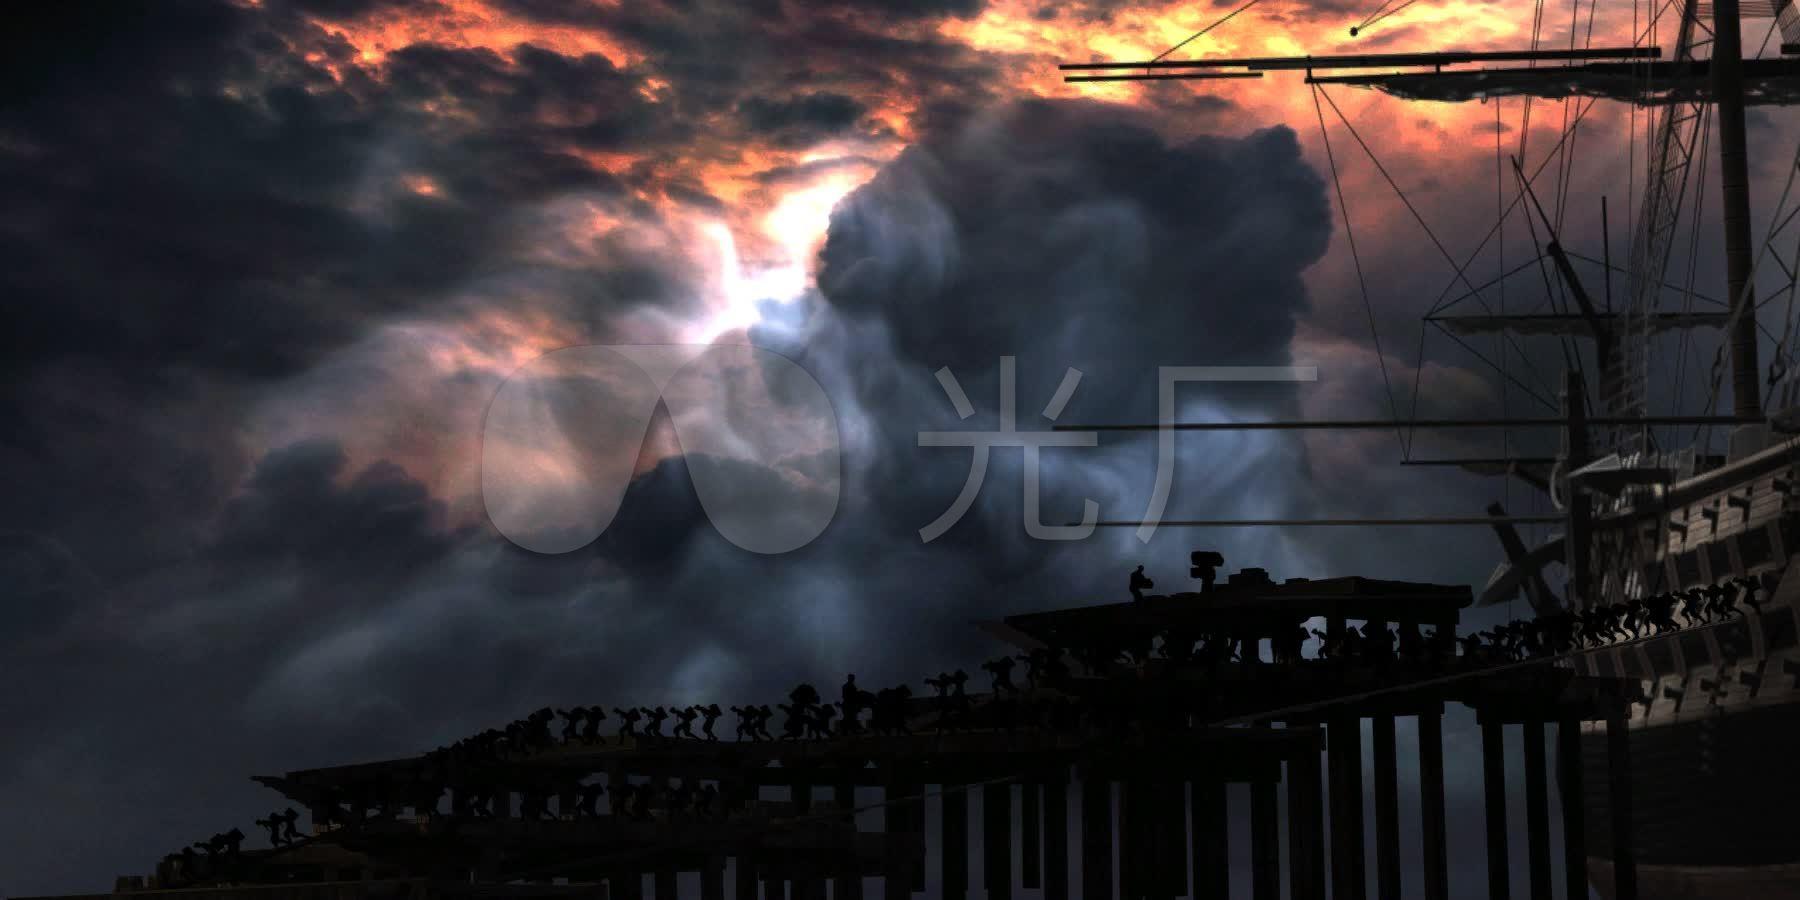 鸦片战争_1800X900_高清视频素材下载(编号